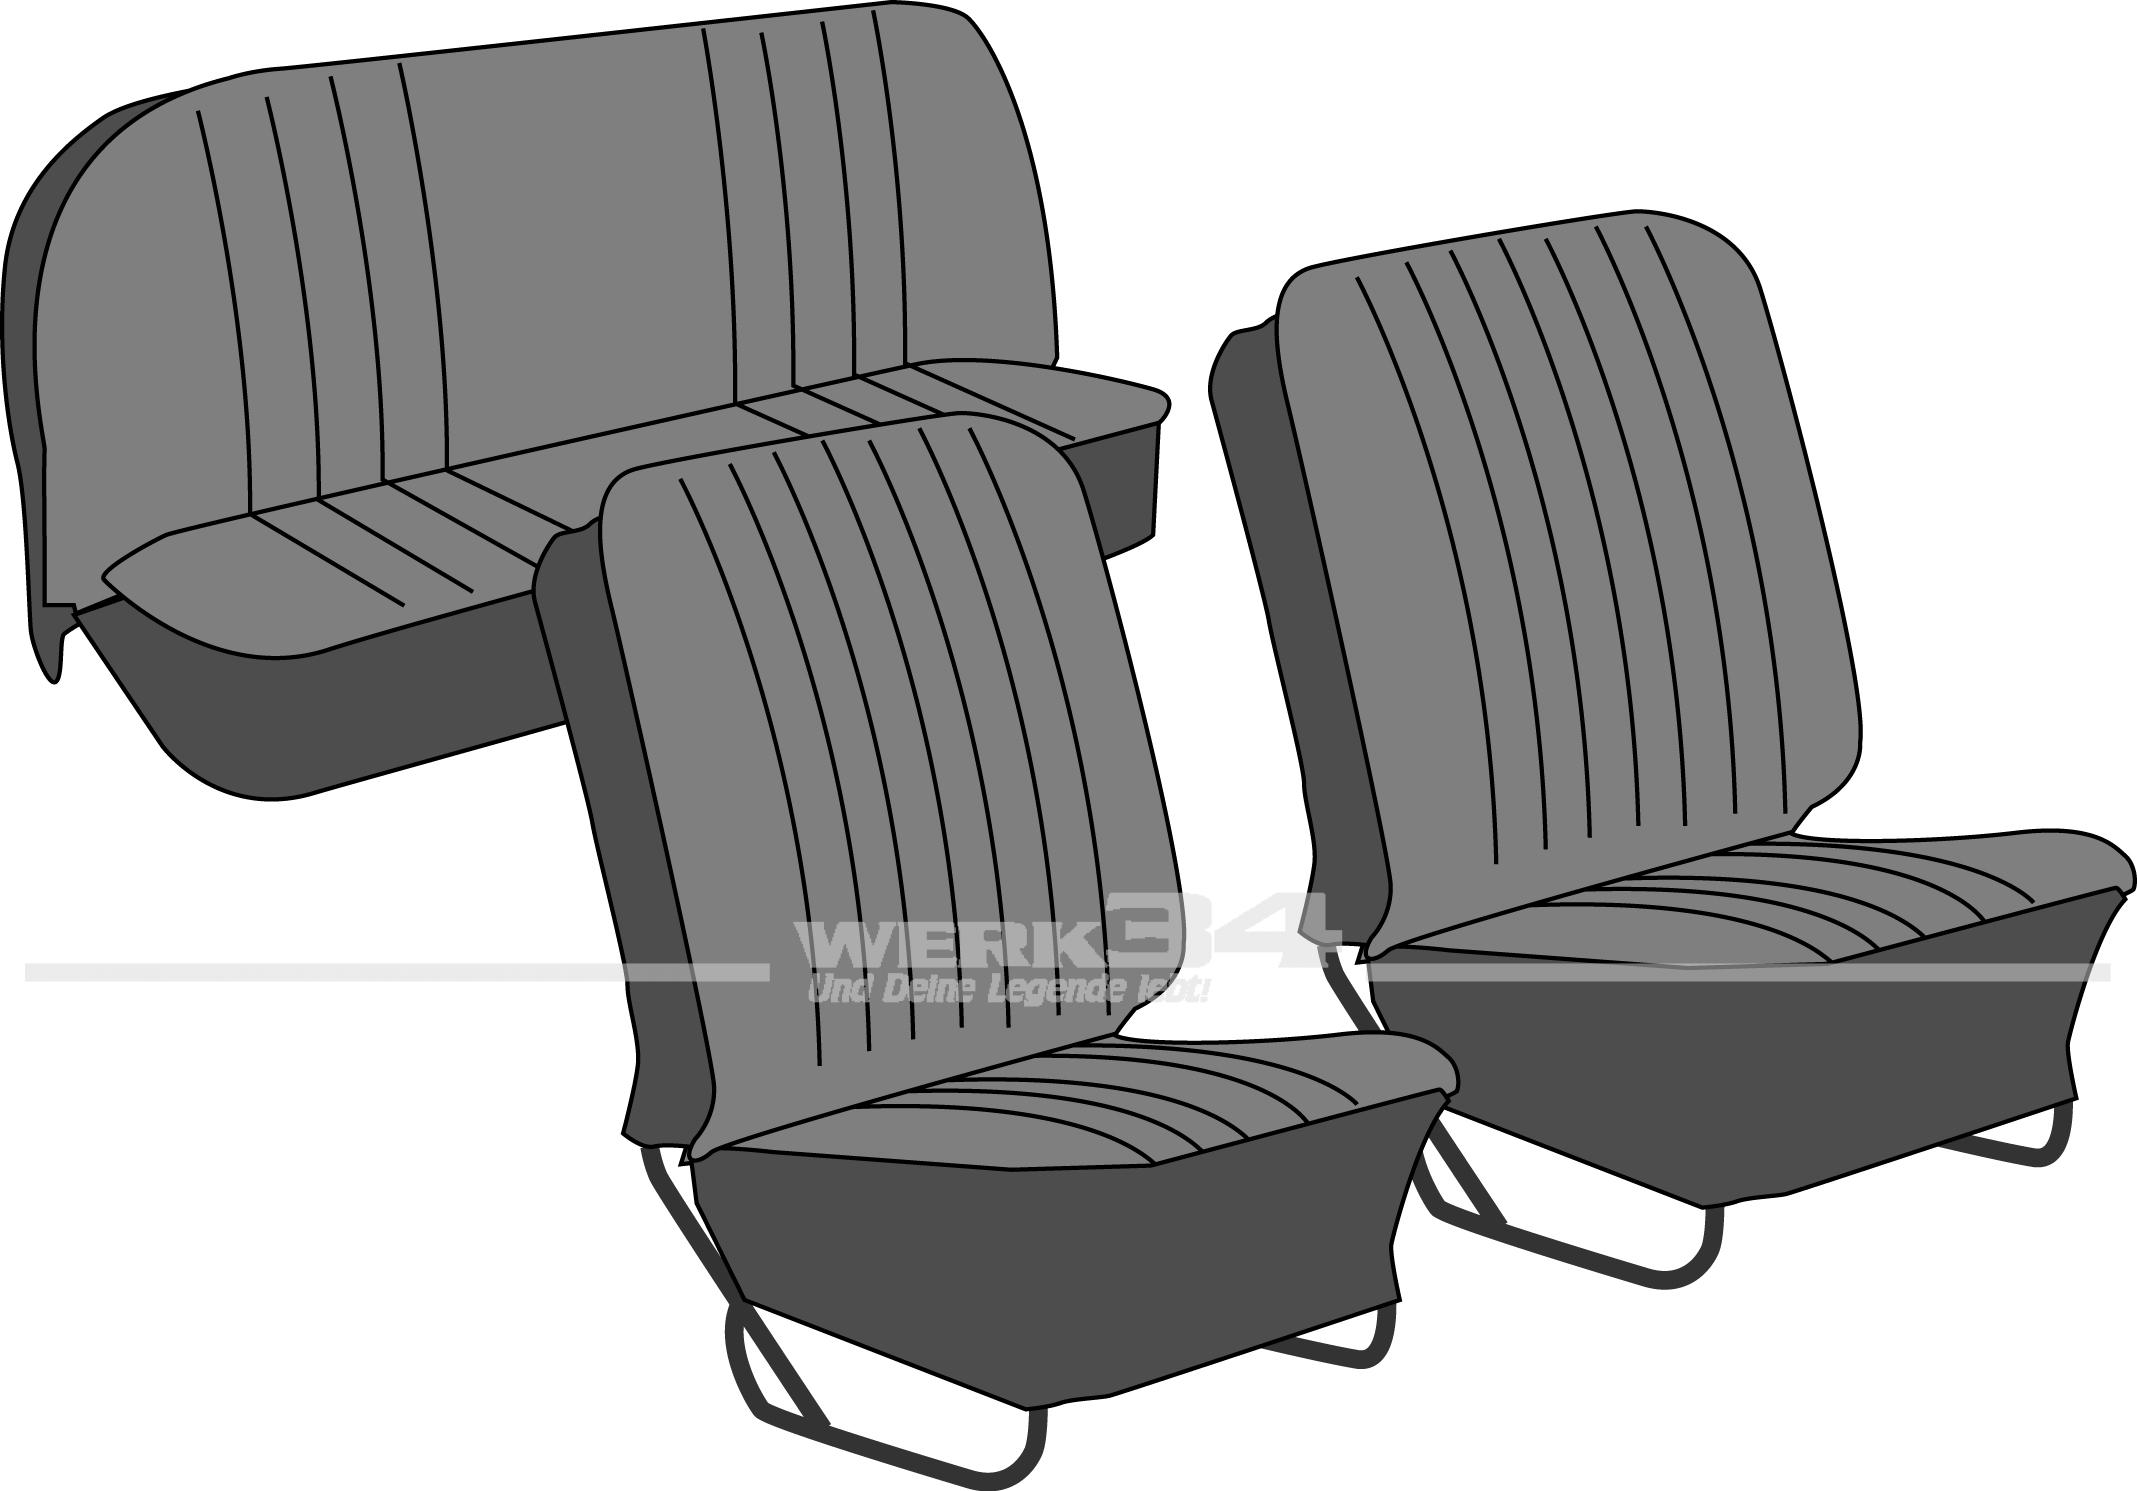 sitzbez ge vorn hinten sitzbez ge und bezugsstoffe. Black Bedroom Furniture Sets. Home Design Ideas